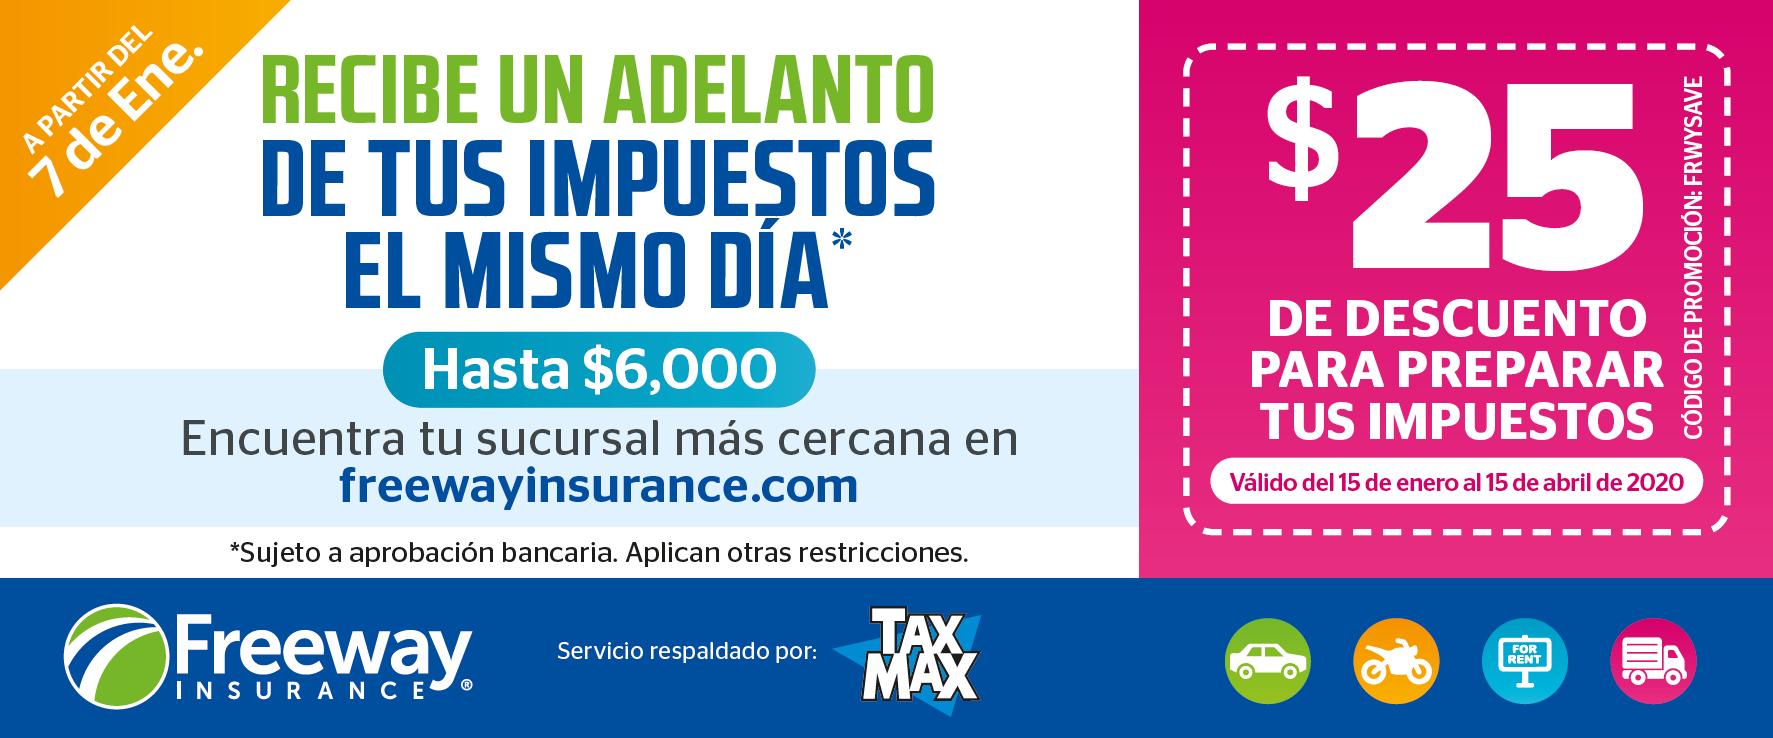 Cupon_25_dolares_descuento_para_preparar_impuestos